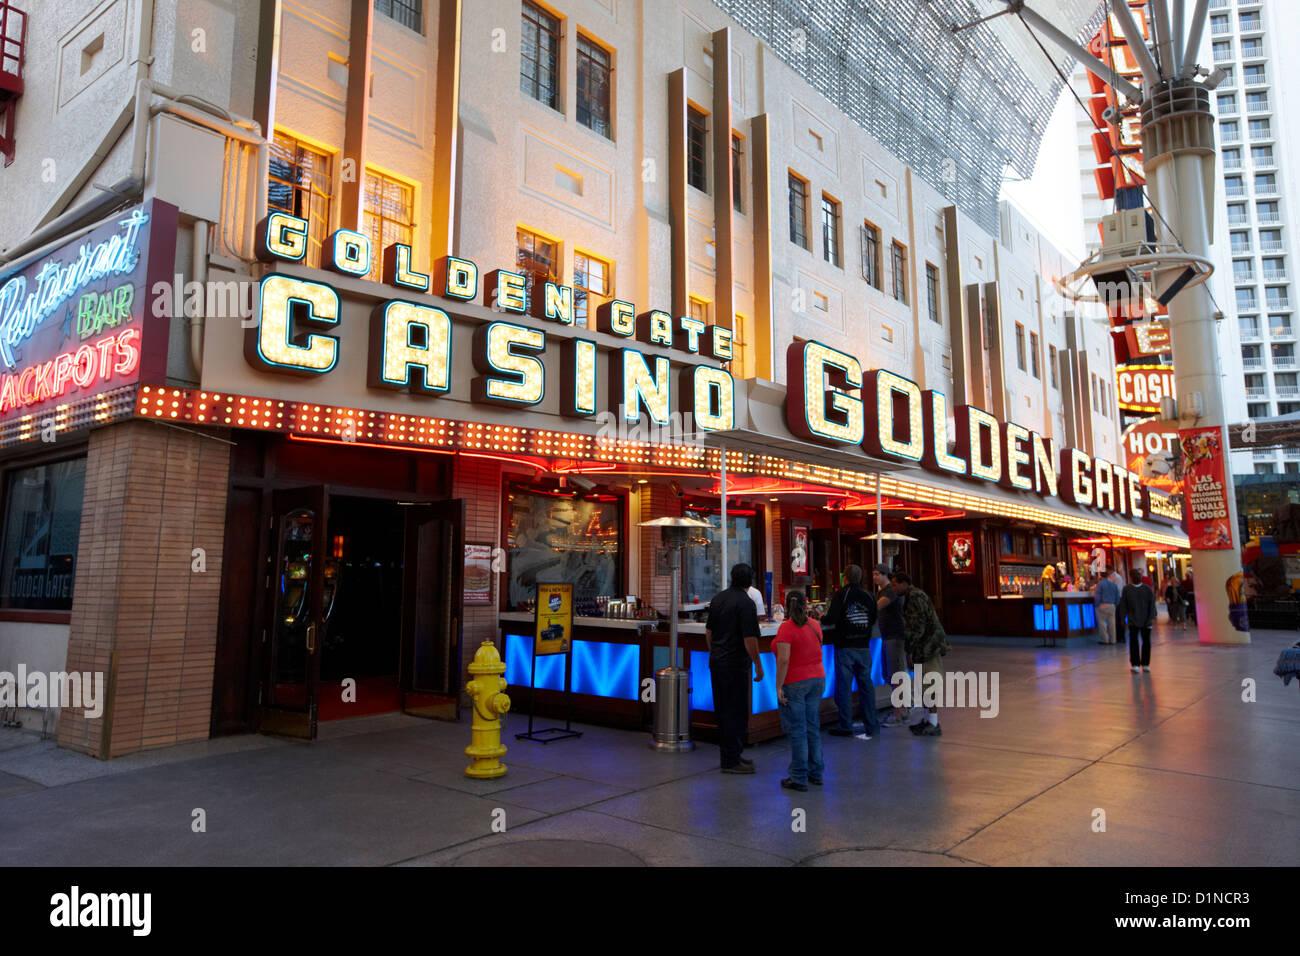 South gate casino las vegas